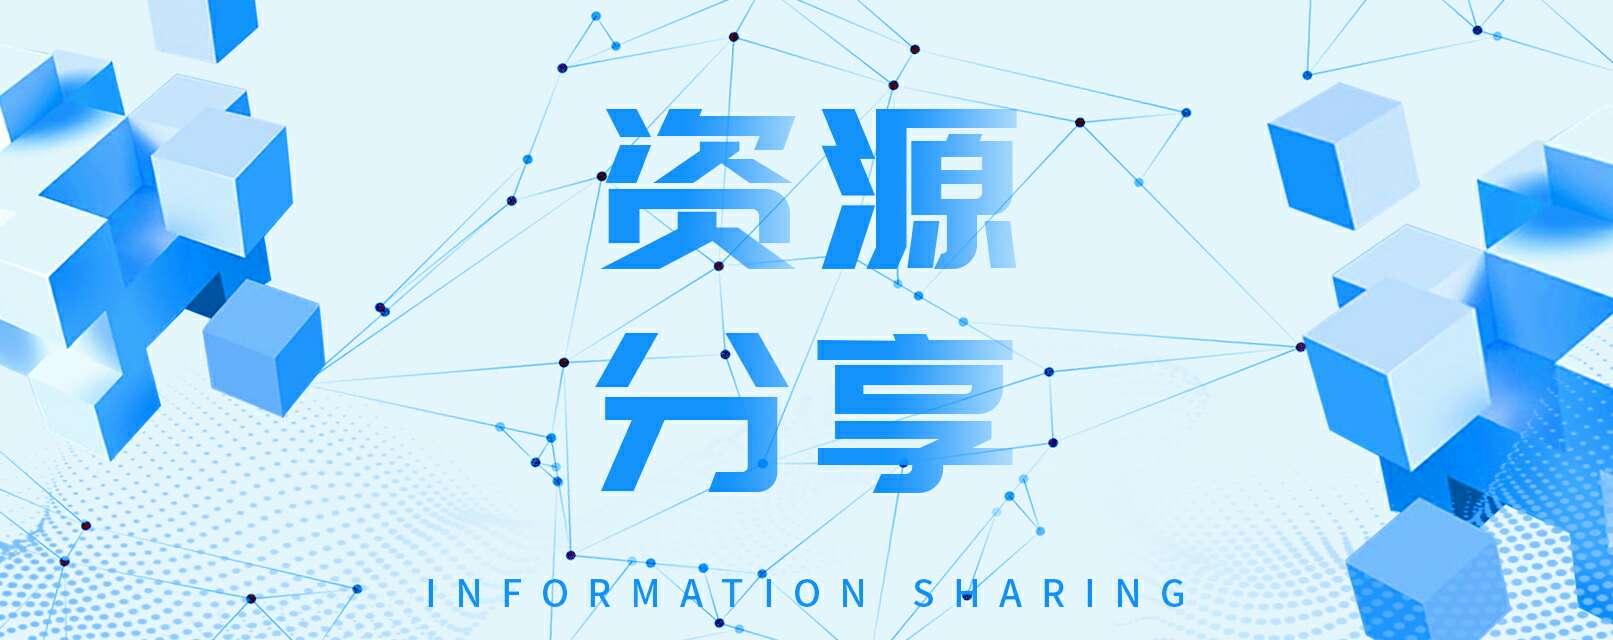 【资源分享】自动登录-电脑微信登录自动确认